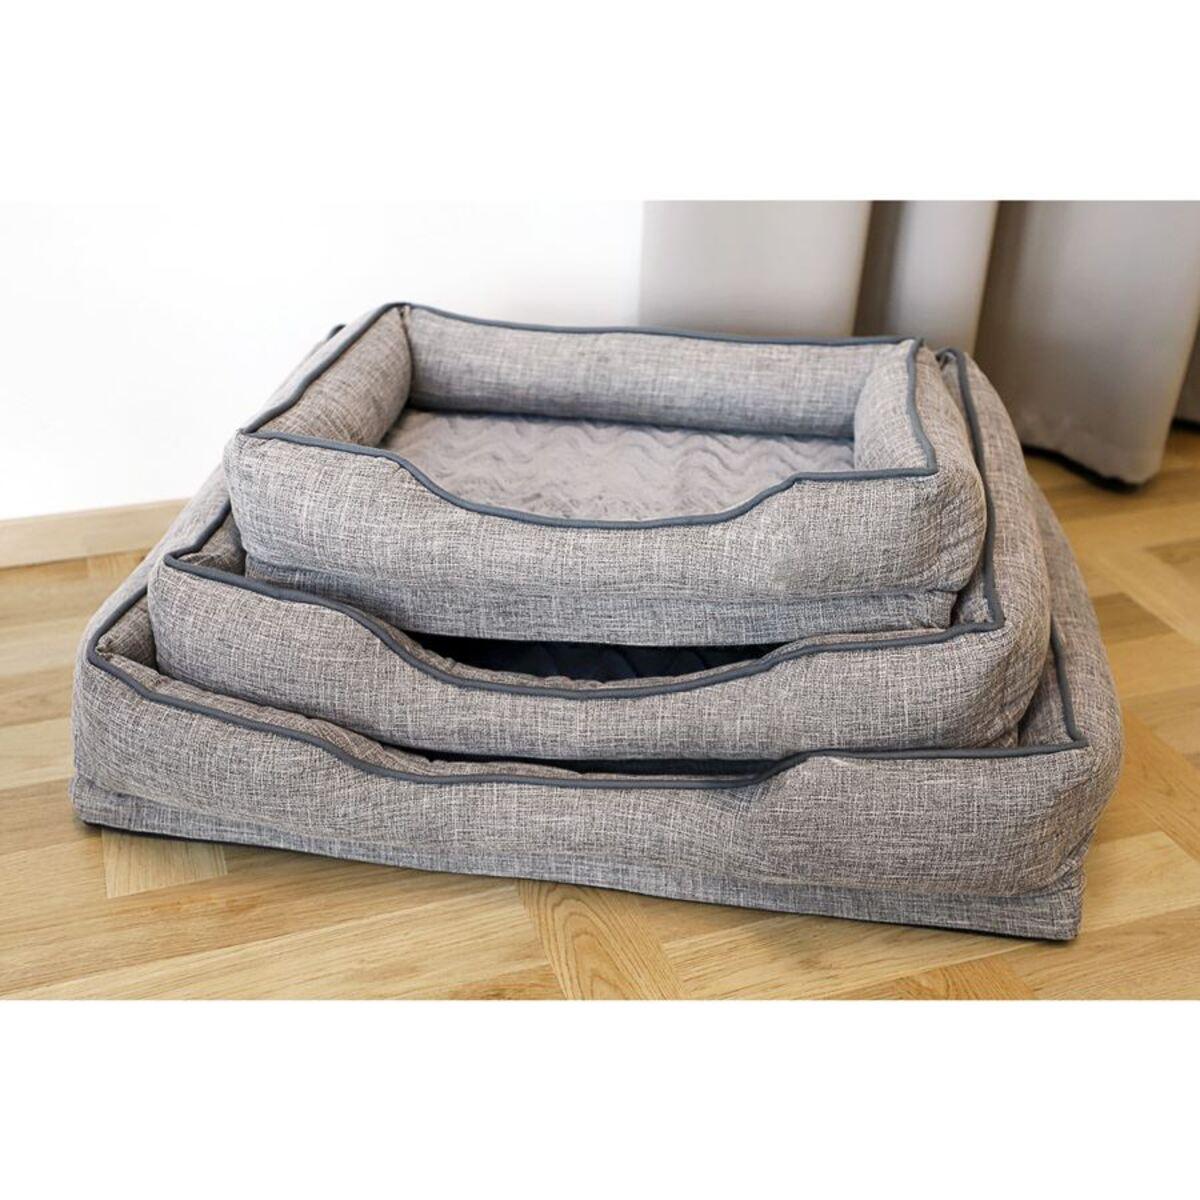 Bild 2 von Gepolstertes Hundebetten-Set 3-teilig Grau